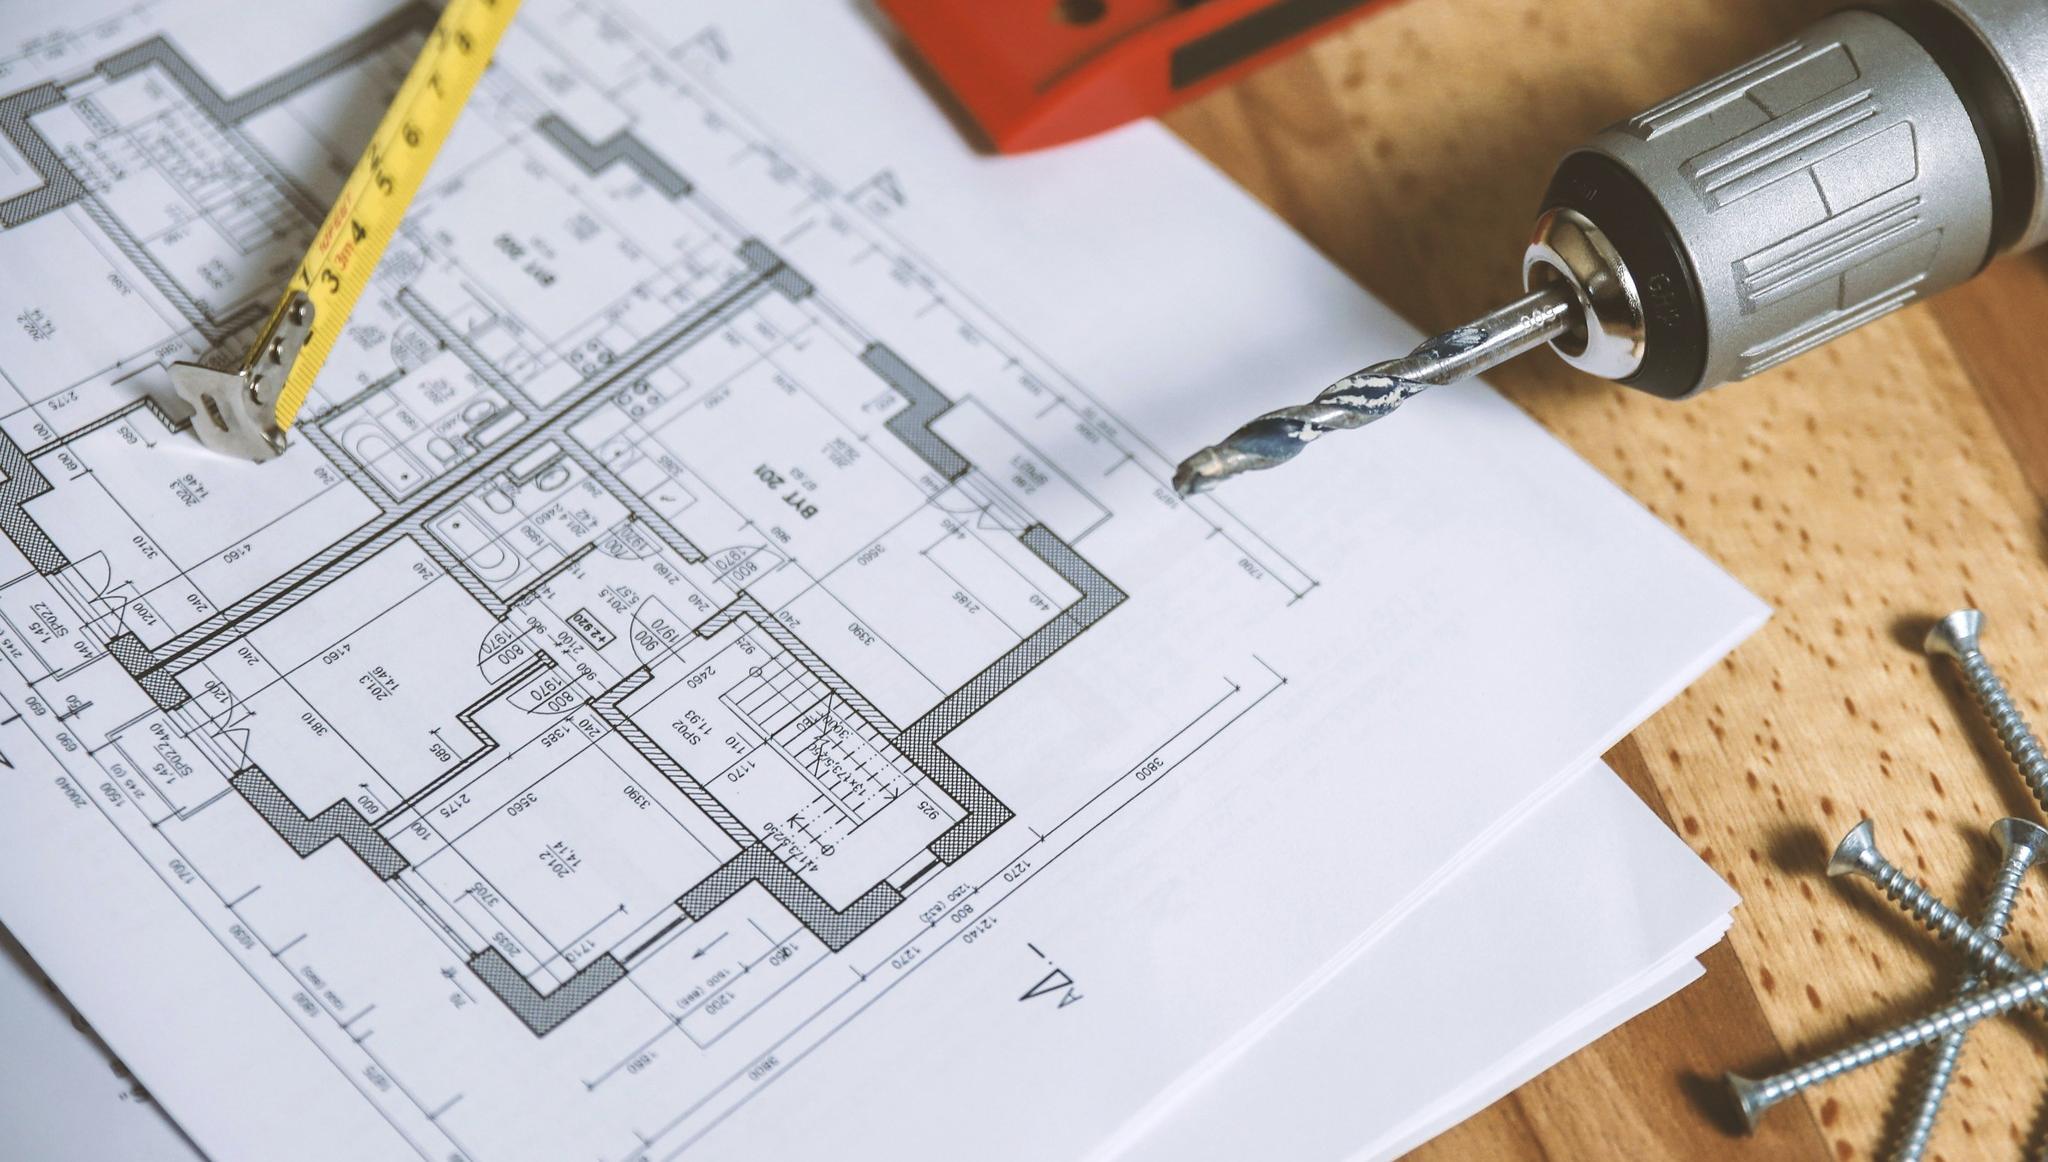 Суд обязал Фонд капремонта за полгода отремонтировать в Твери более 280 домов - новости Афанасий